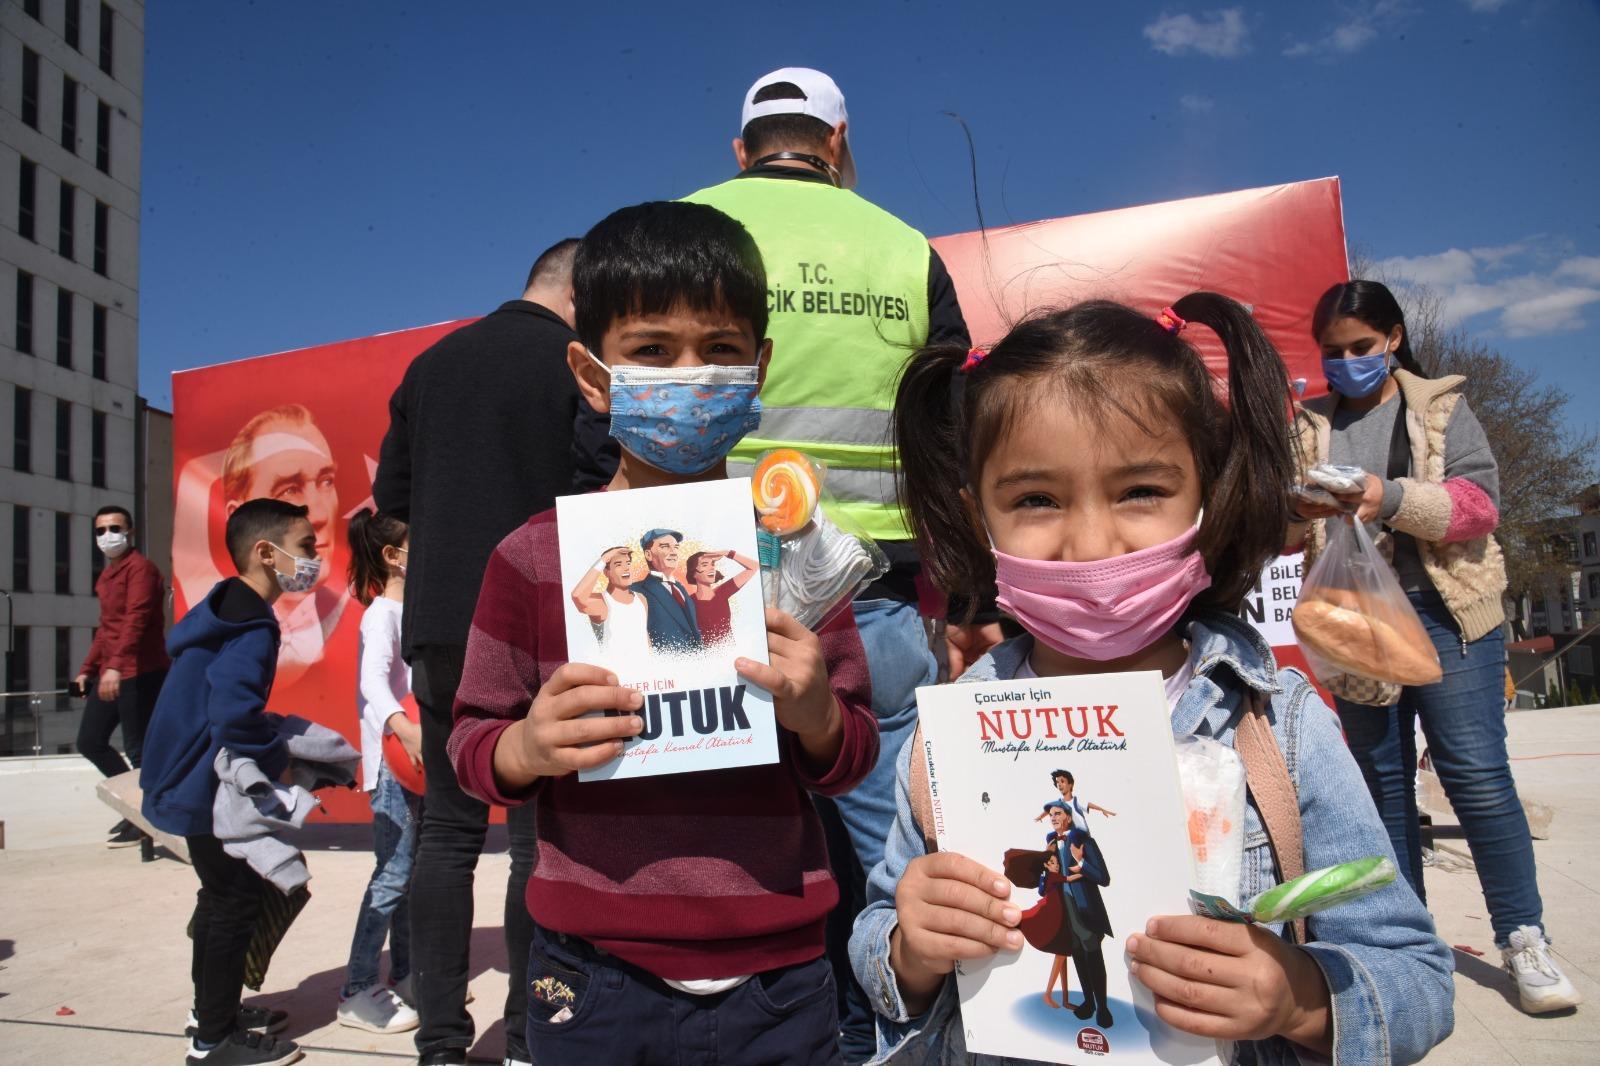 Bilecik Belediyesi 23 Nisan Ulusal Egemenlik ve Çocuk Bayramı kutlamaları kapsamında çocuklara hediyeler dağıttı